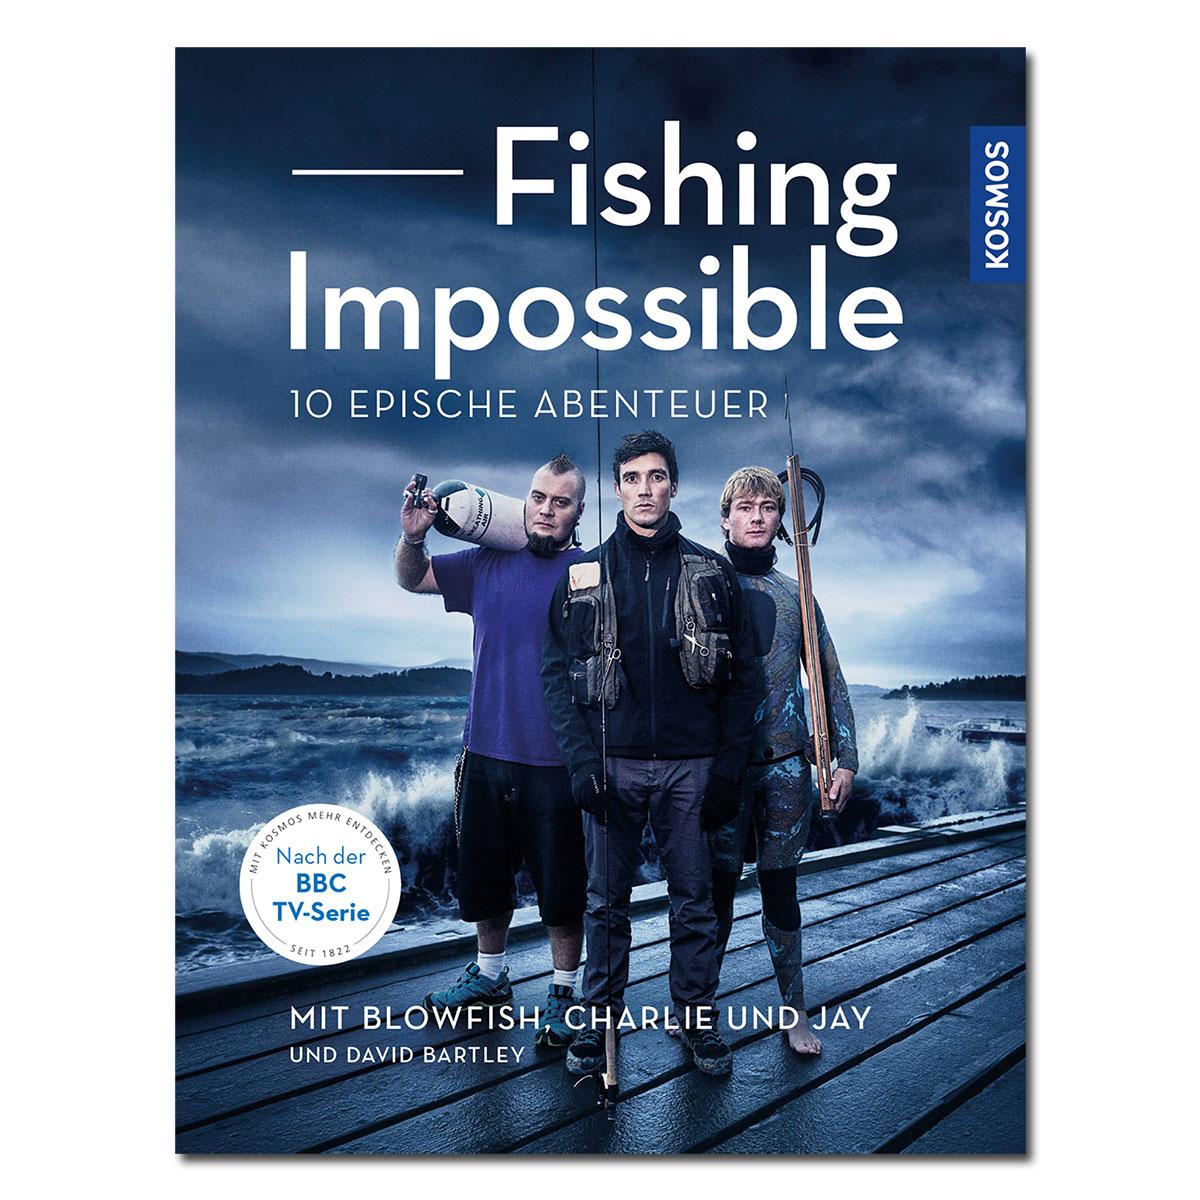 Fishing Impossible - 10 epische Abenteuer im Pareyshop